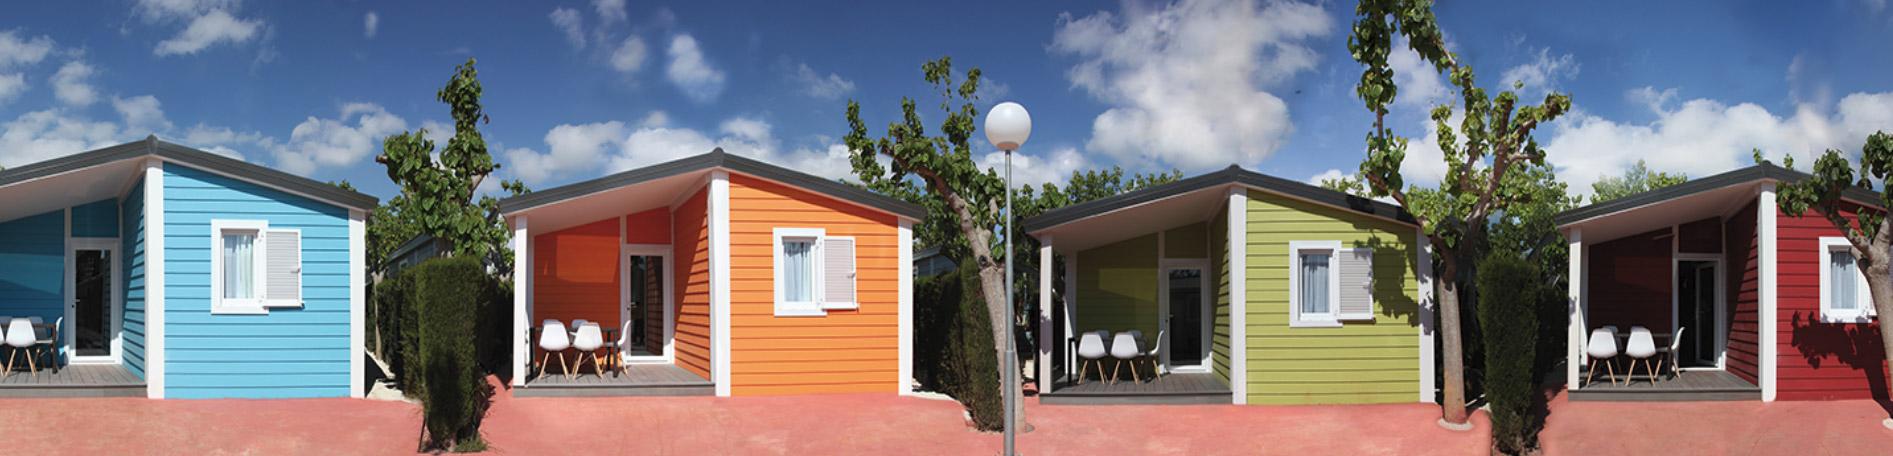 camping_la_marina_bungalow_playa_03wes-natural-efficiency